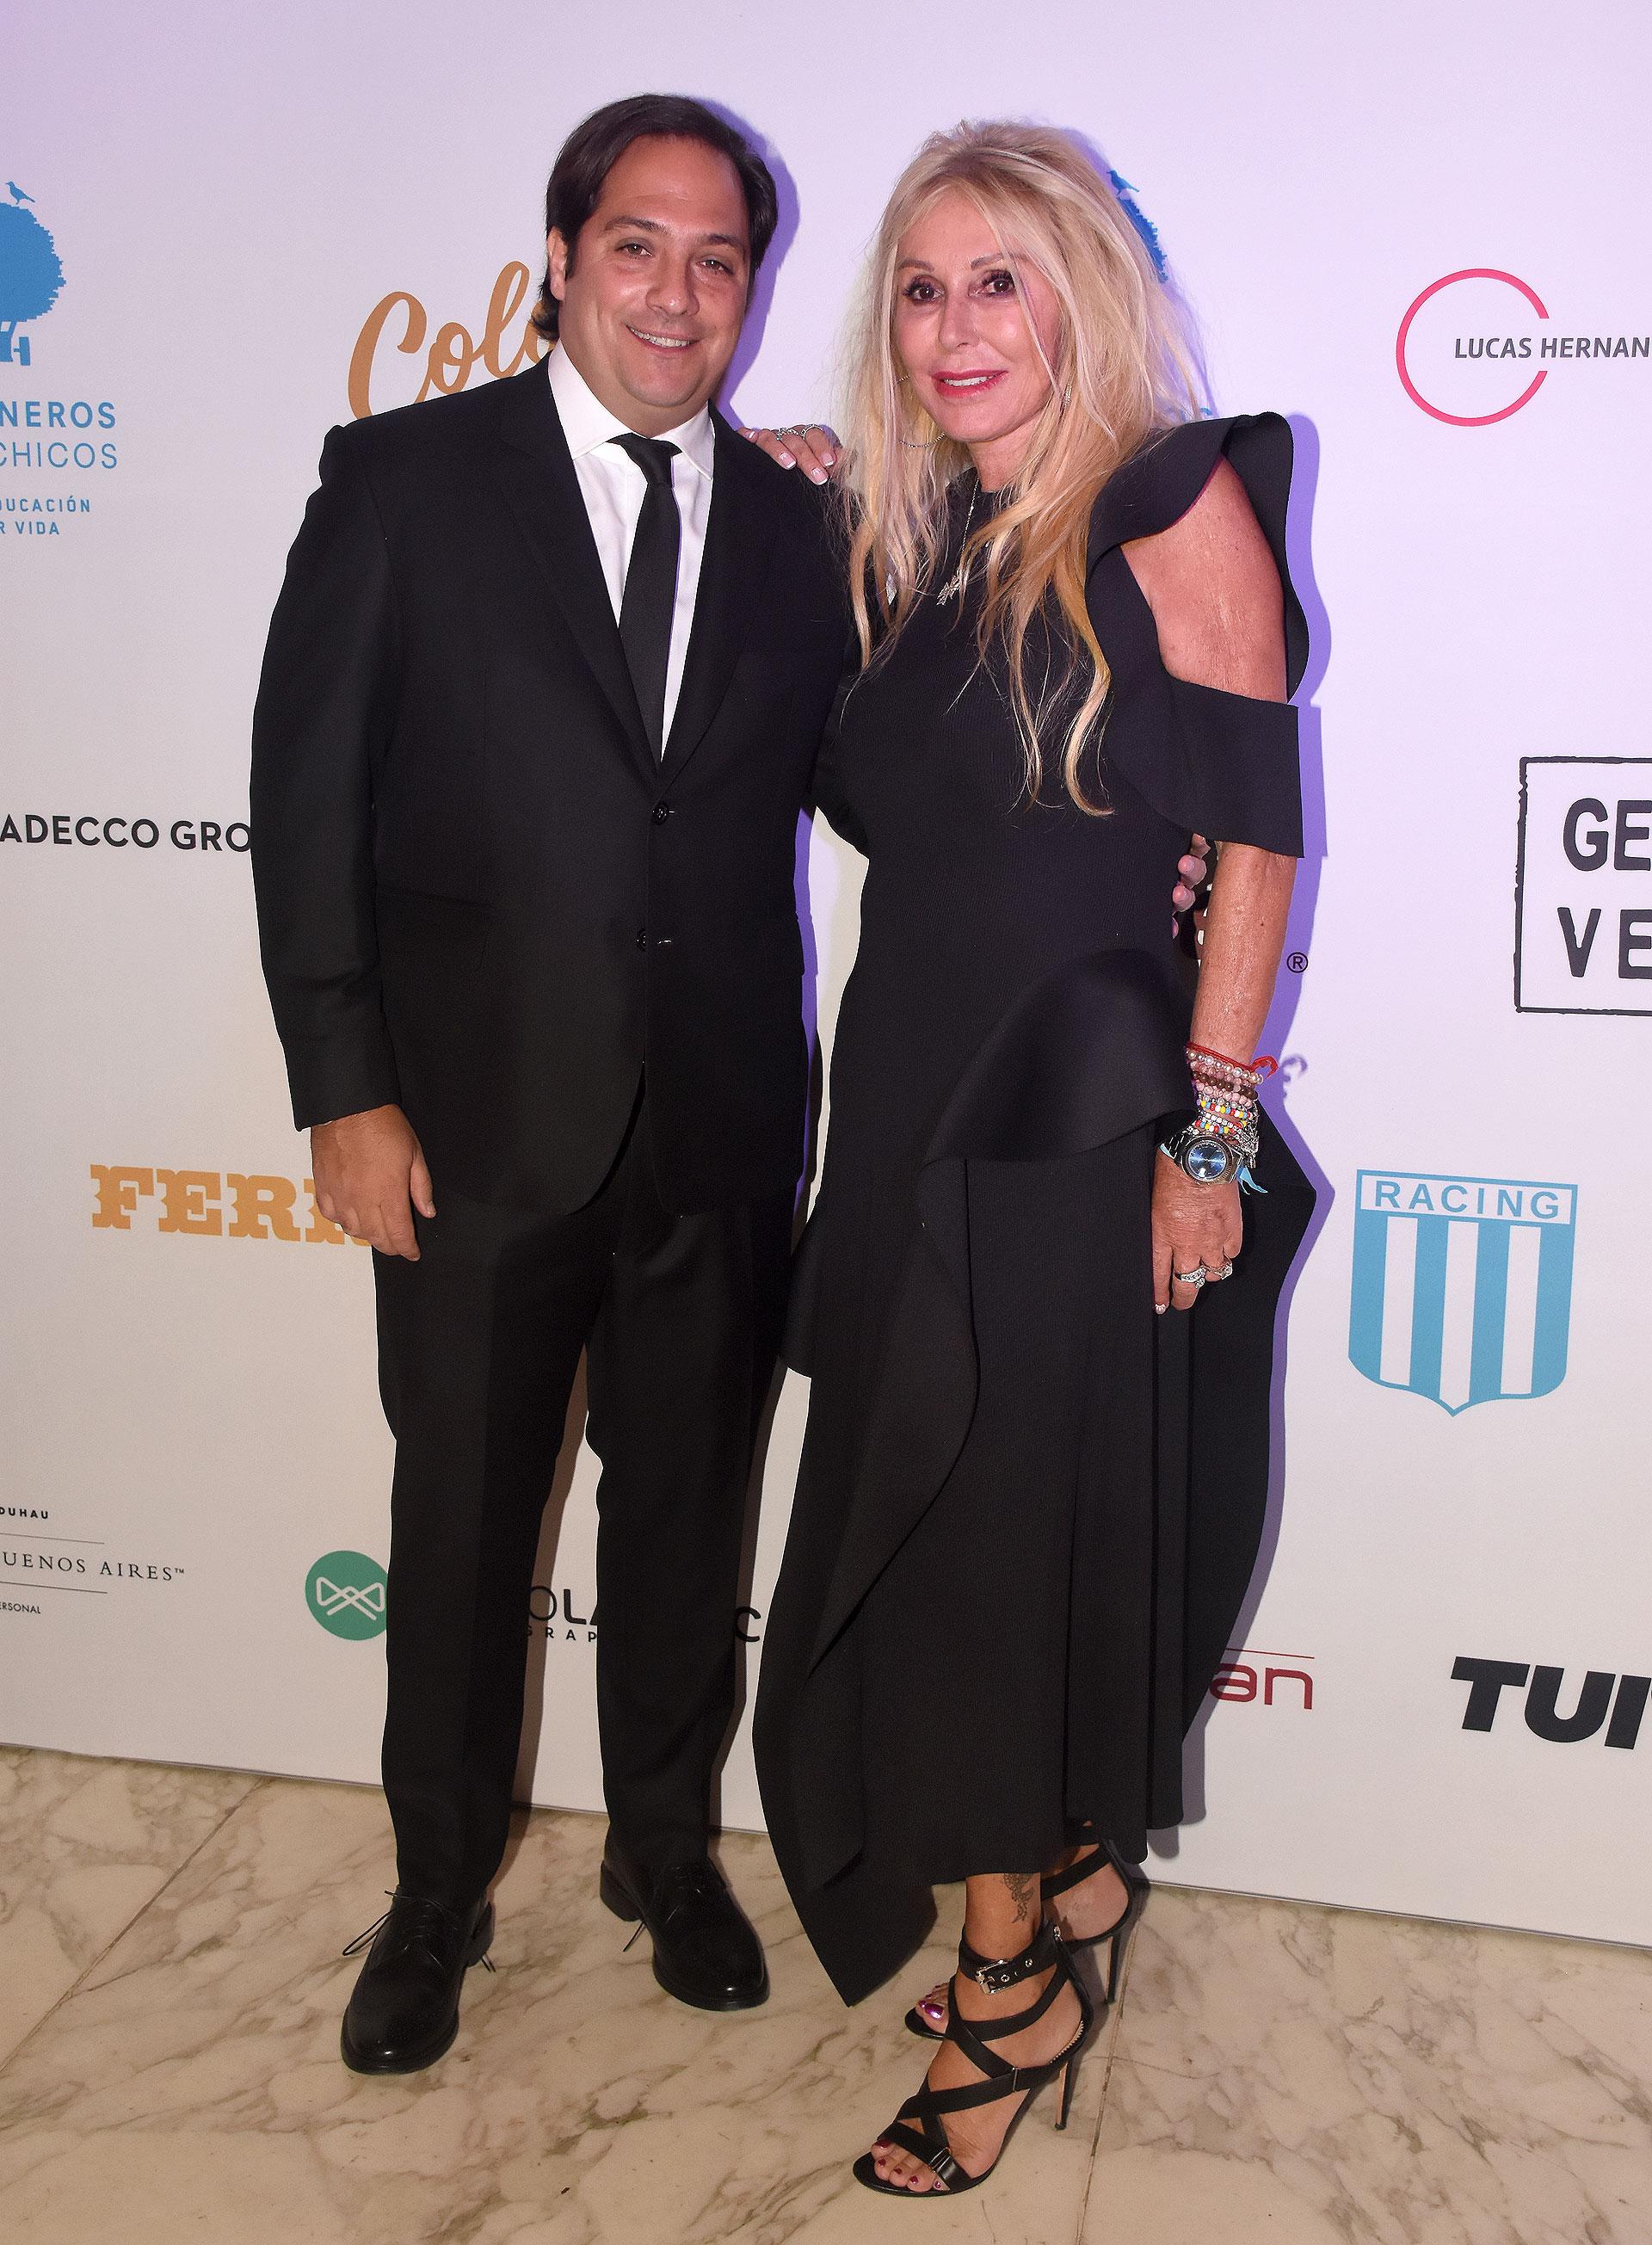 Renata Jacobs junto a Matías Barreiro, presidente de FUSADE (Fundación Salud, Educación y Deporte), y director del Sanatorio Colegiales